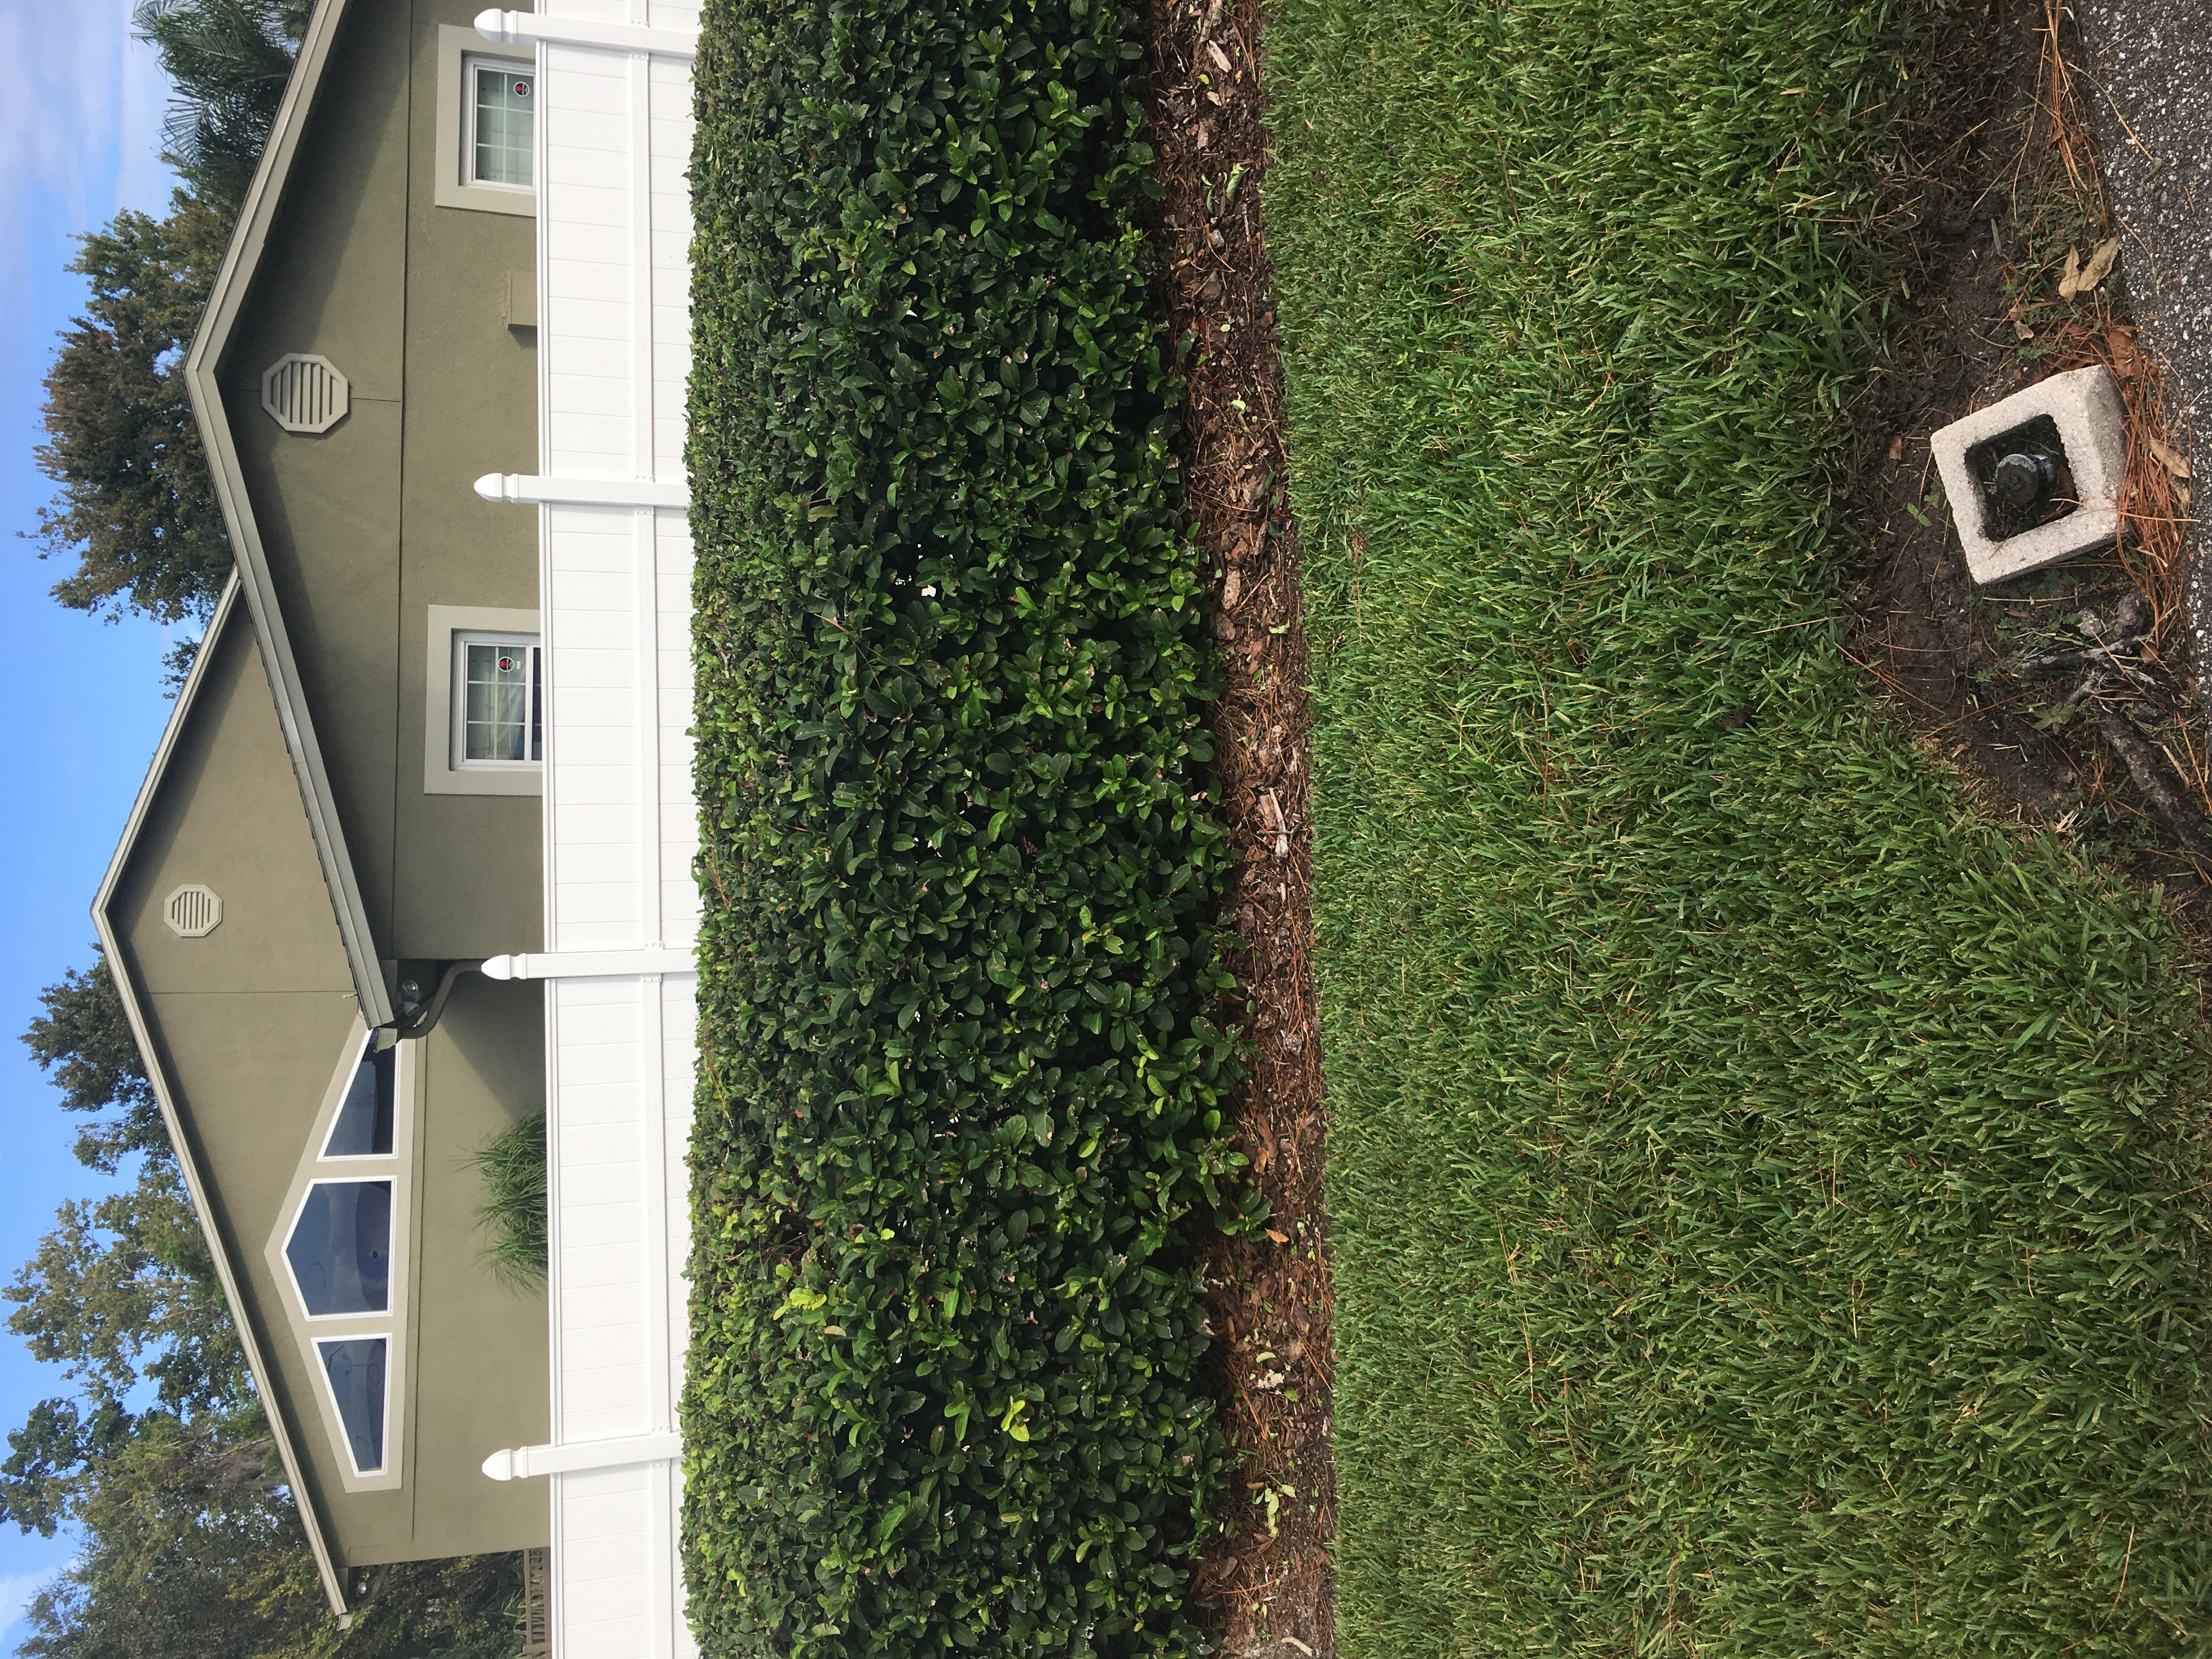 Lawn Care Service in Longwood, FL, 32750